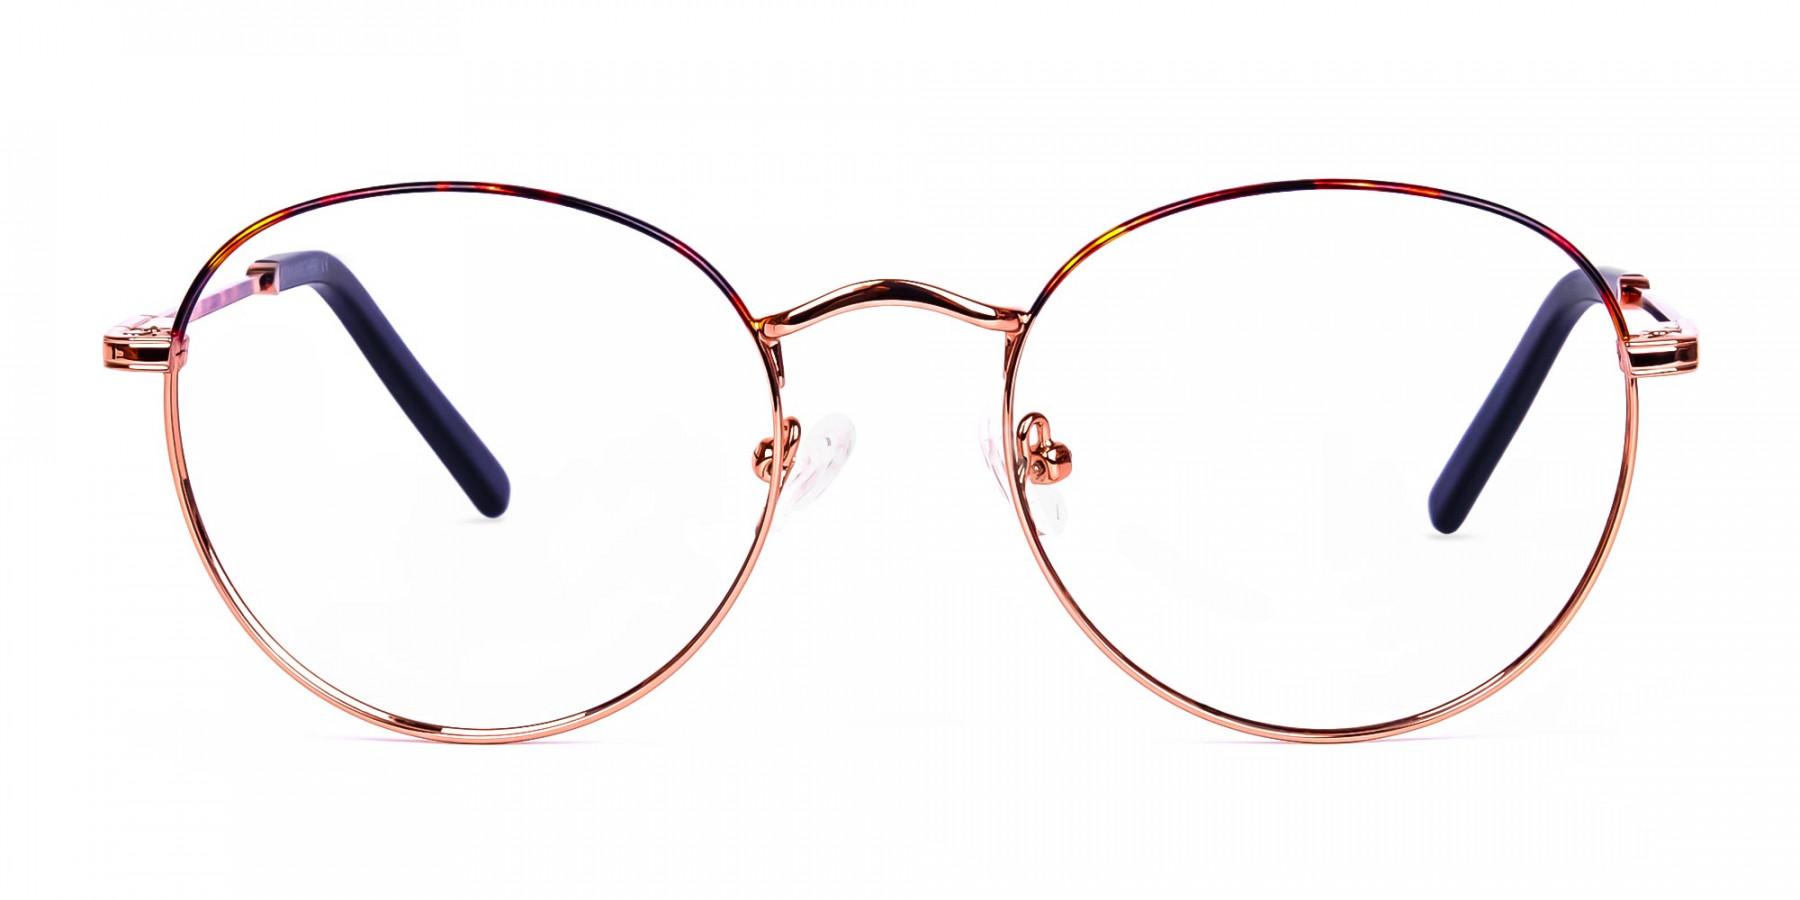 Gold-Round-Tortoise-Shell-Glasses-1